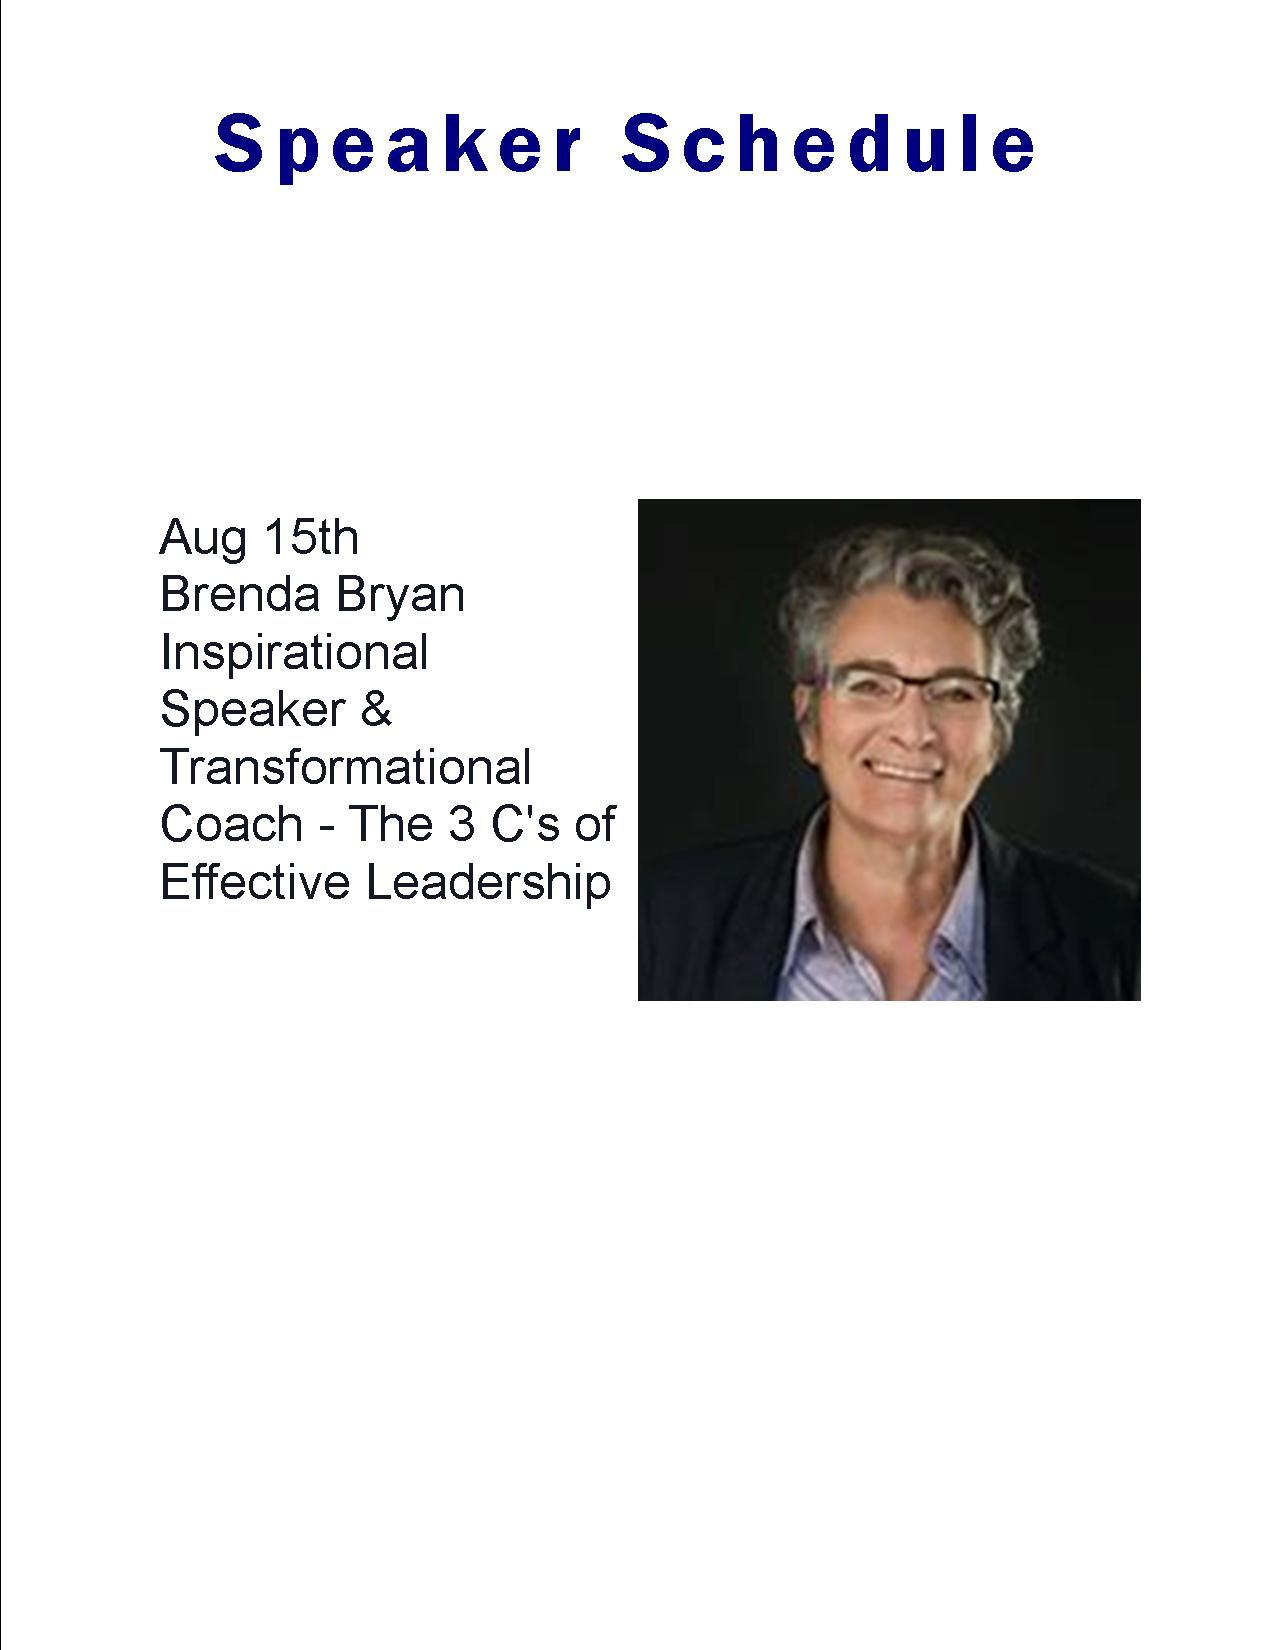 Speaker Calendar August 15